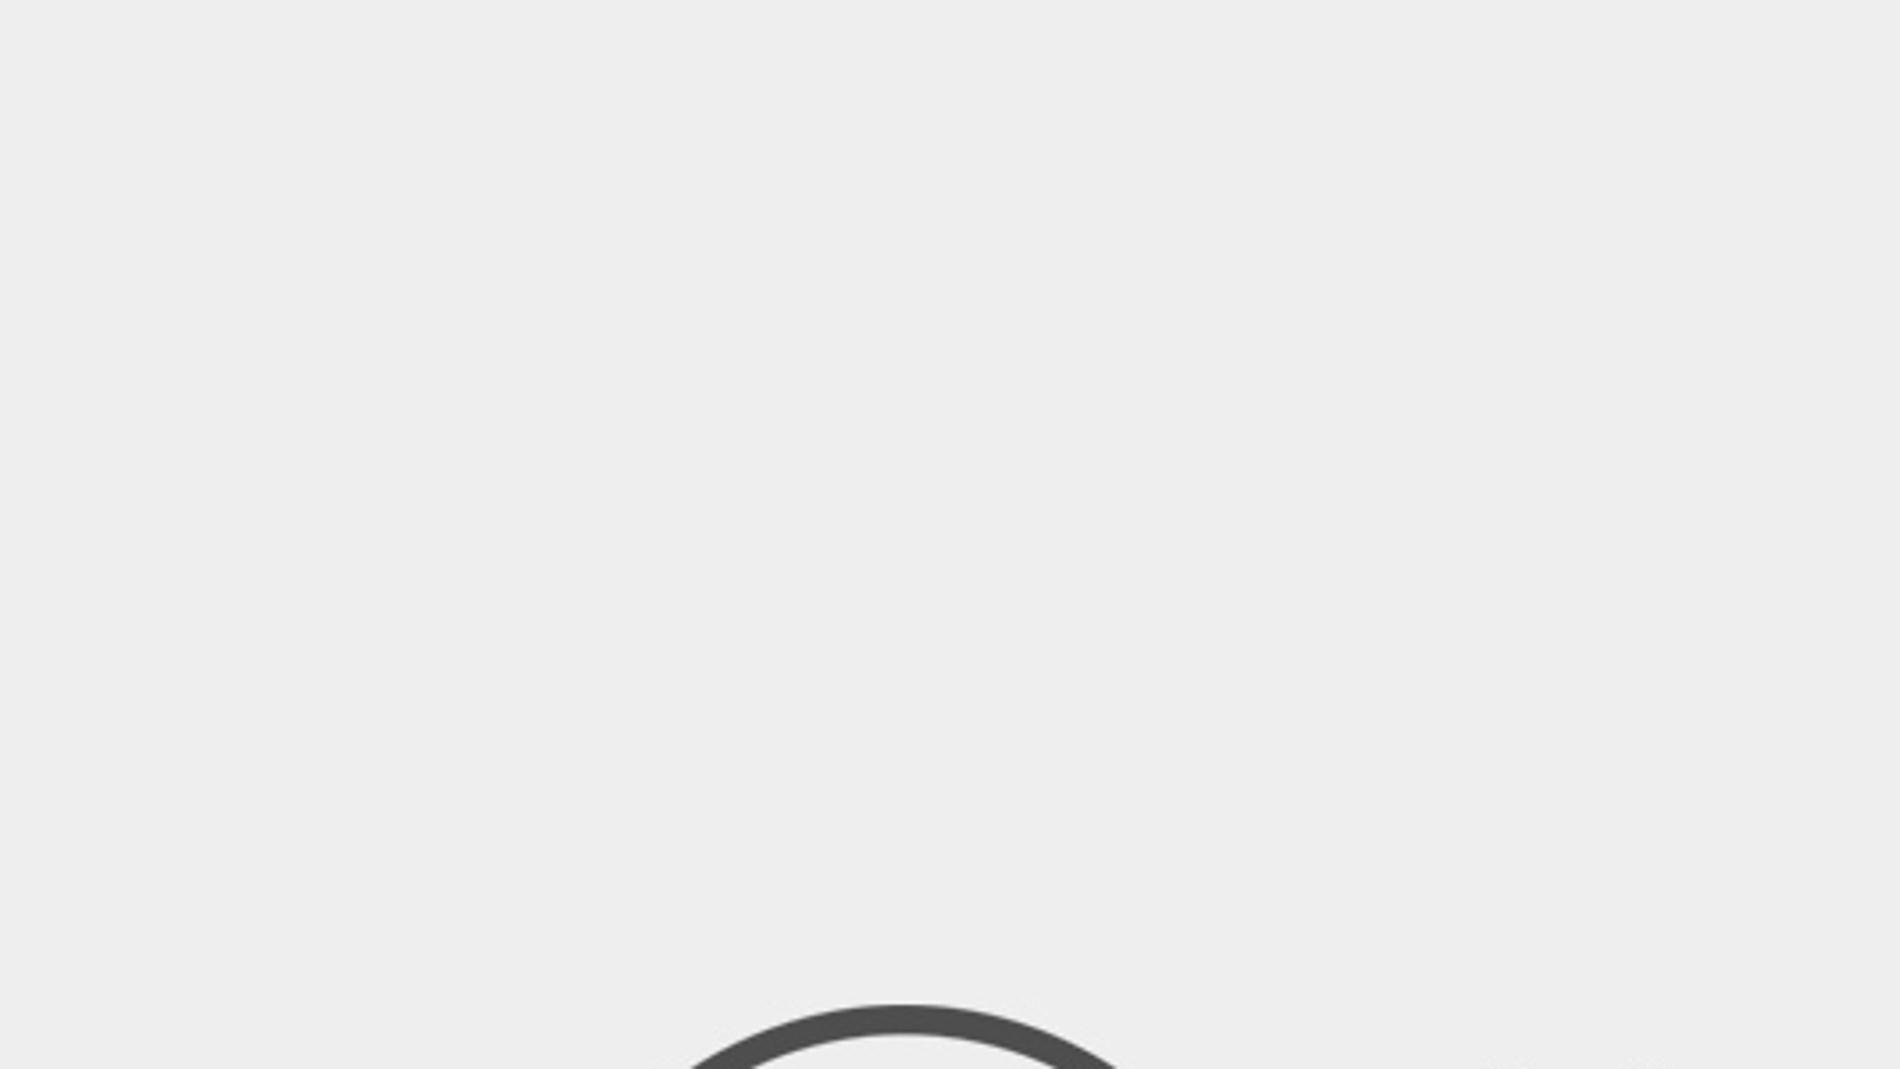 Ryan Reynolds vistiendo el traje de 'Deadpool'